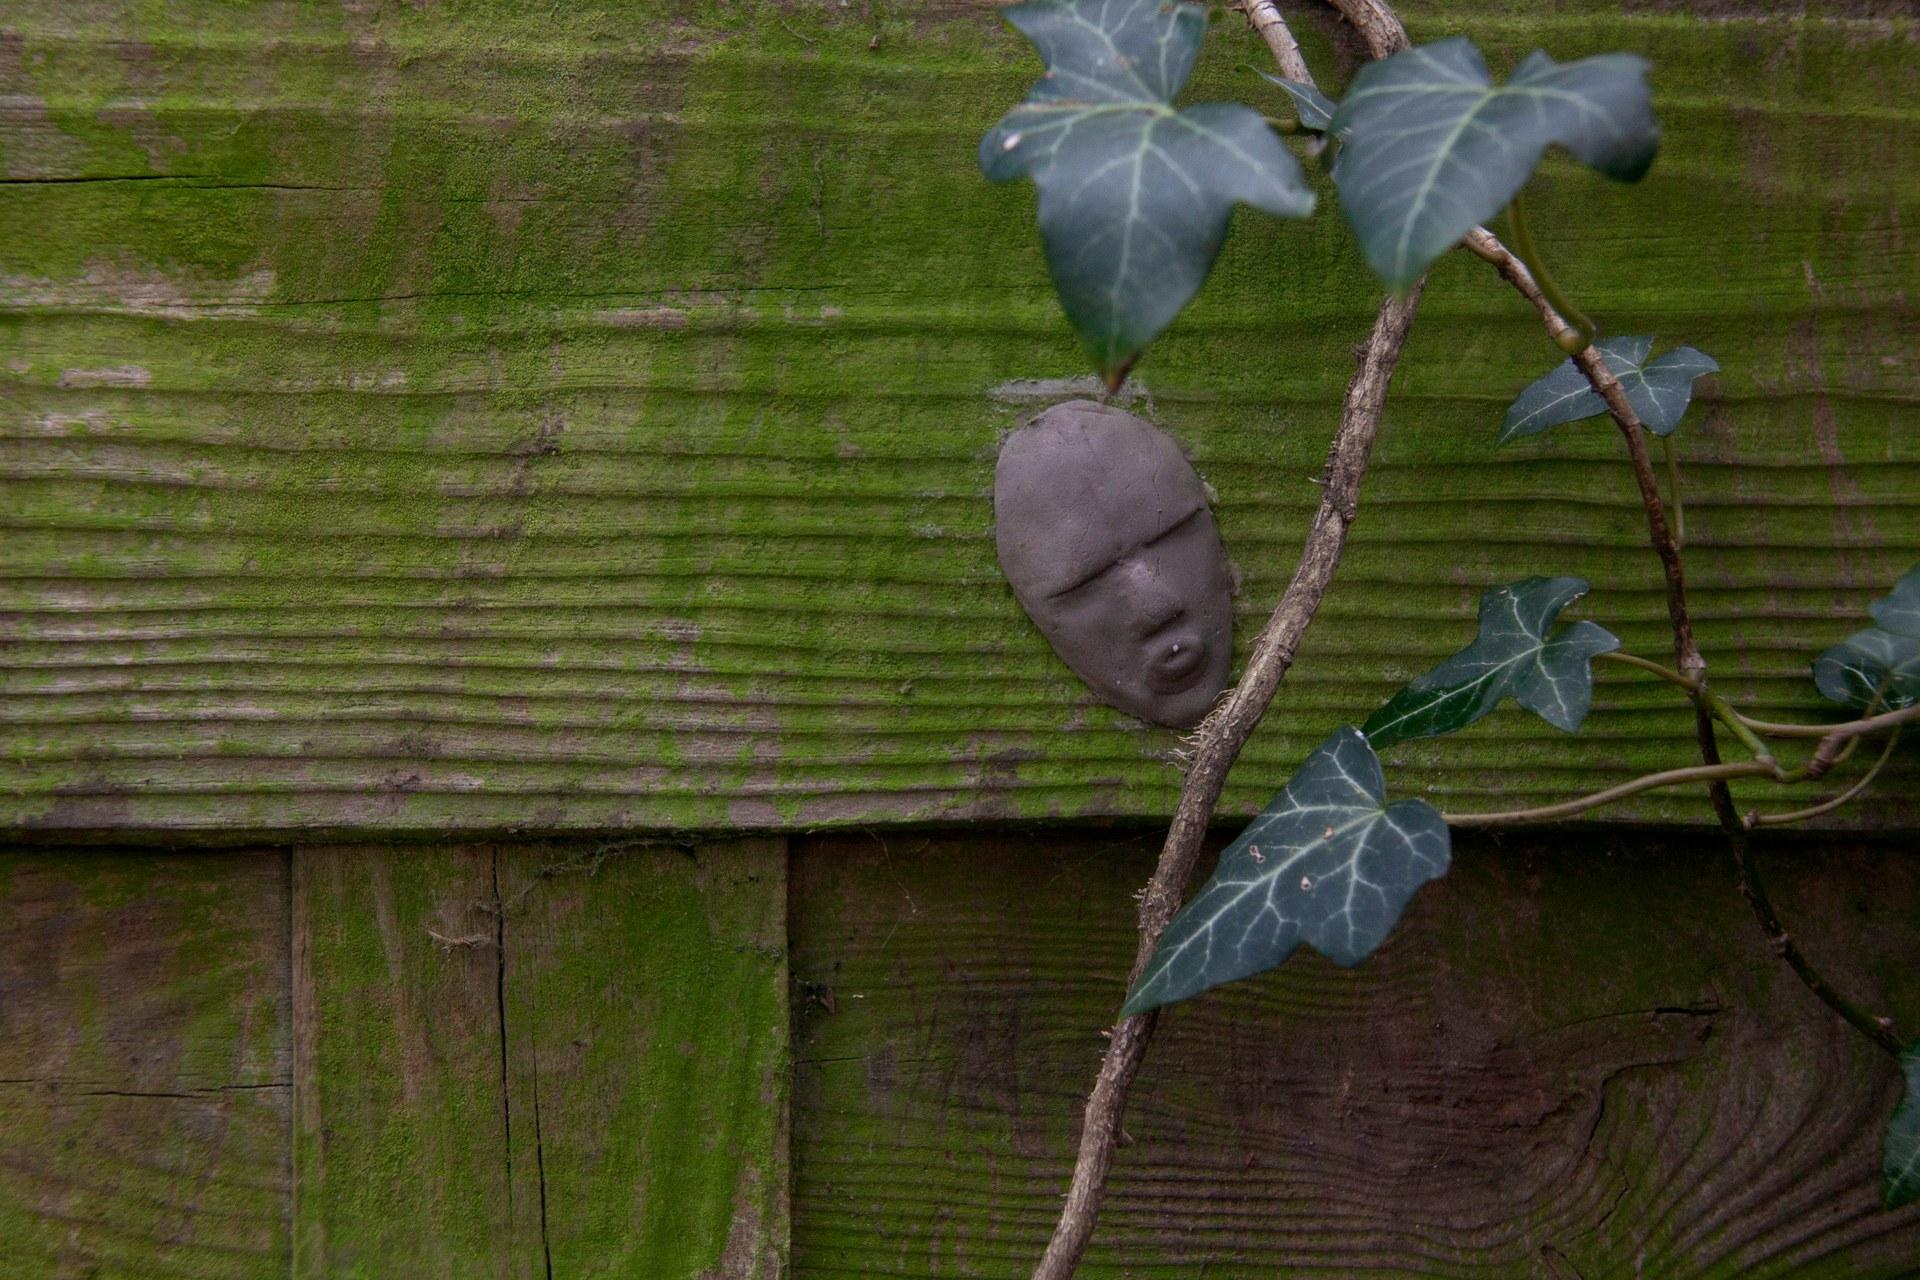 O, spirits of the garden protect me